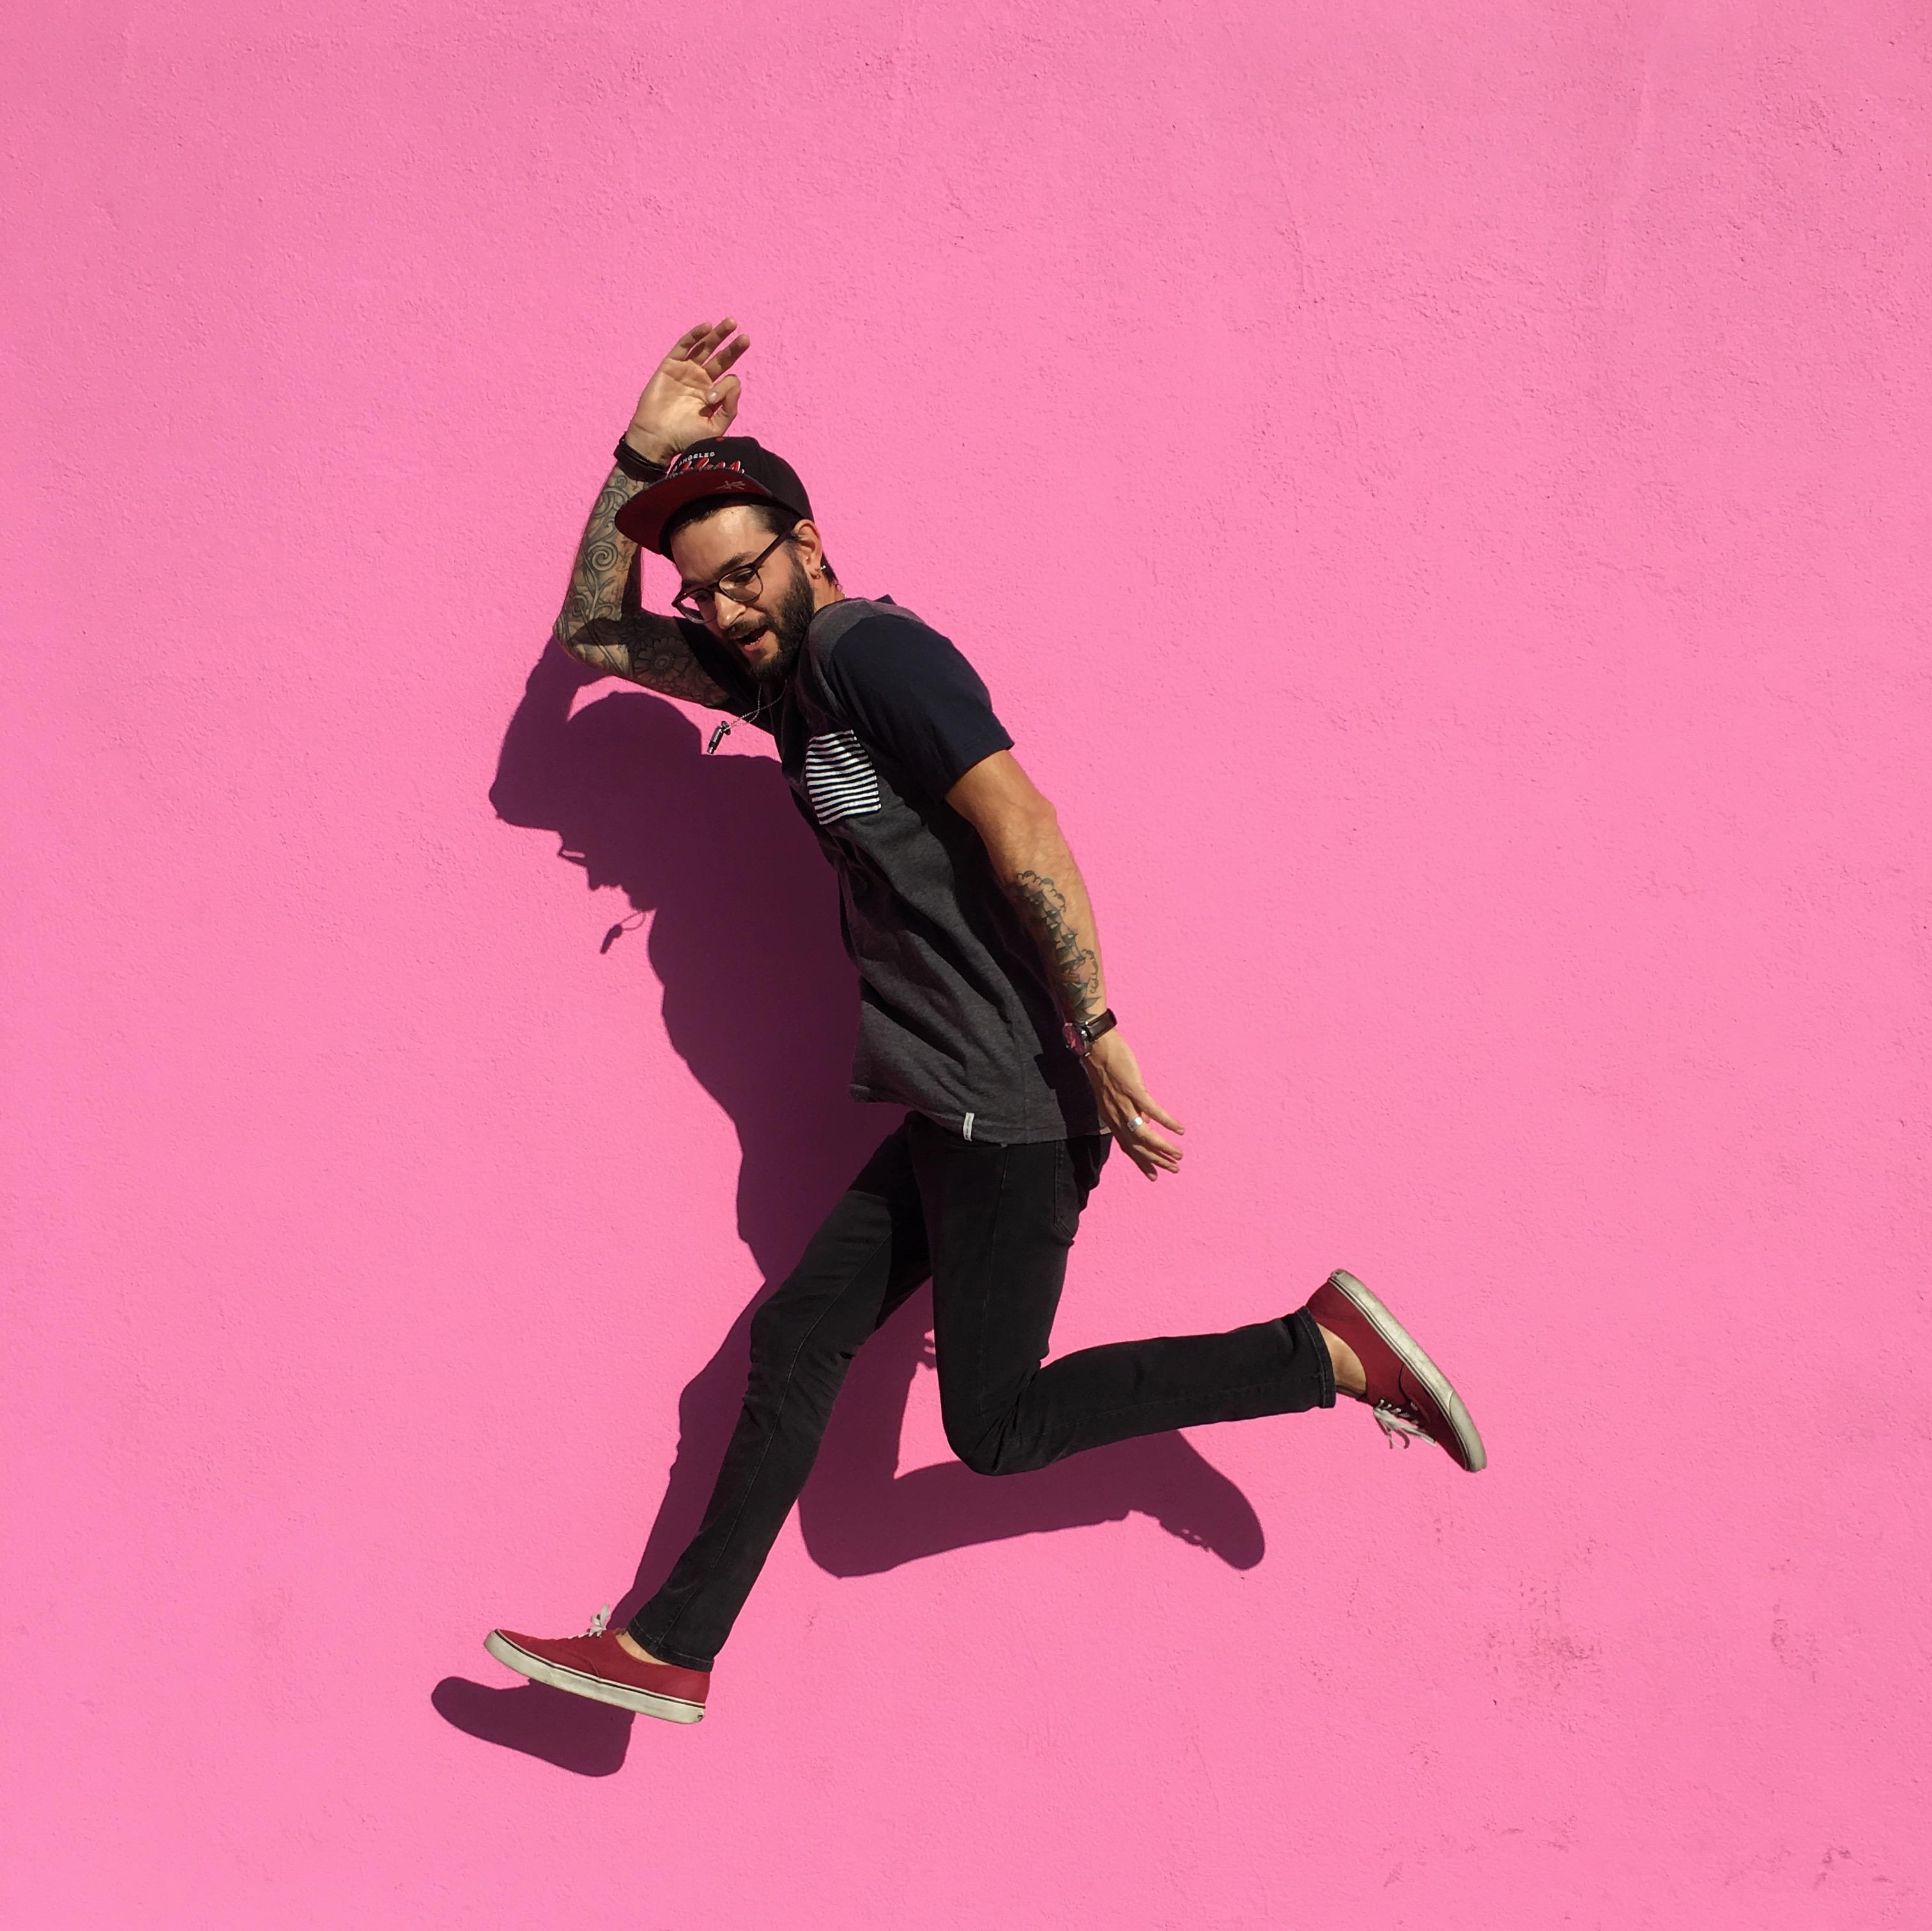 Foap-jumping_for_joy_.jpg